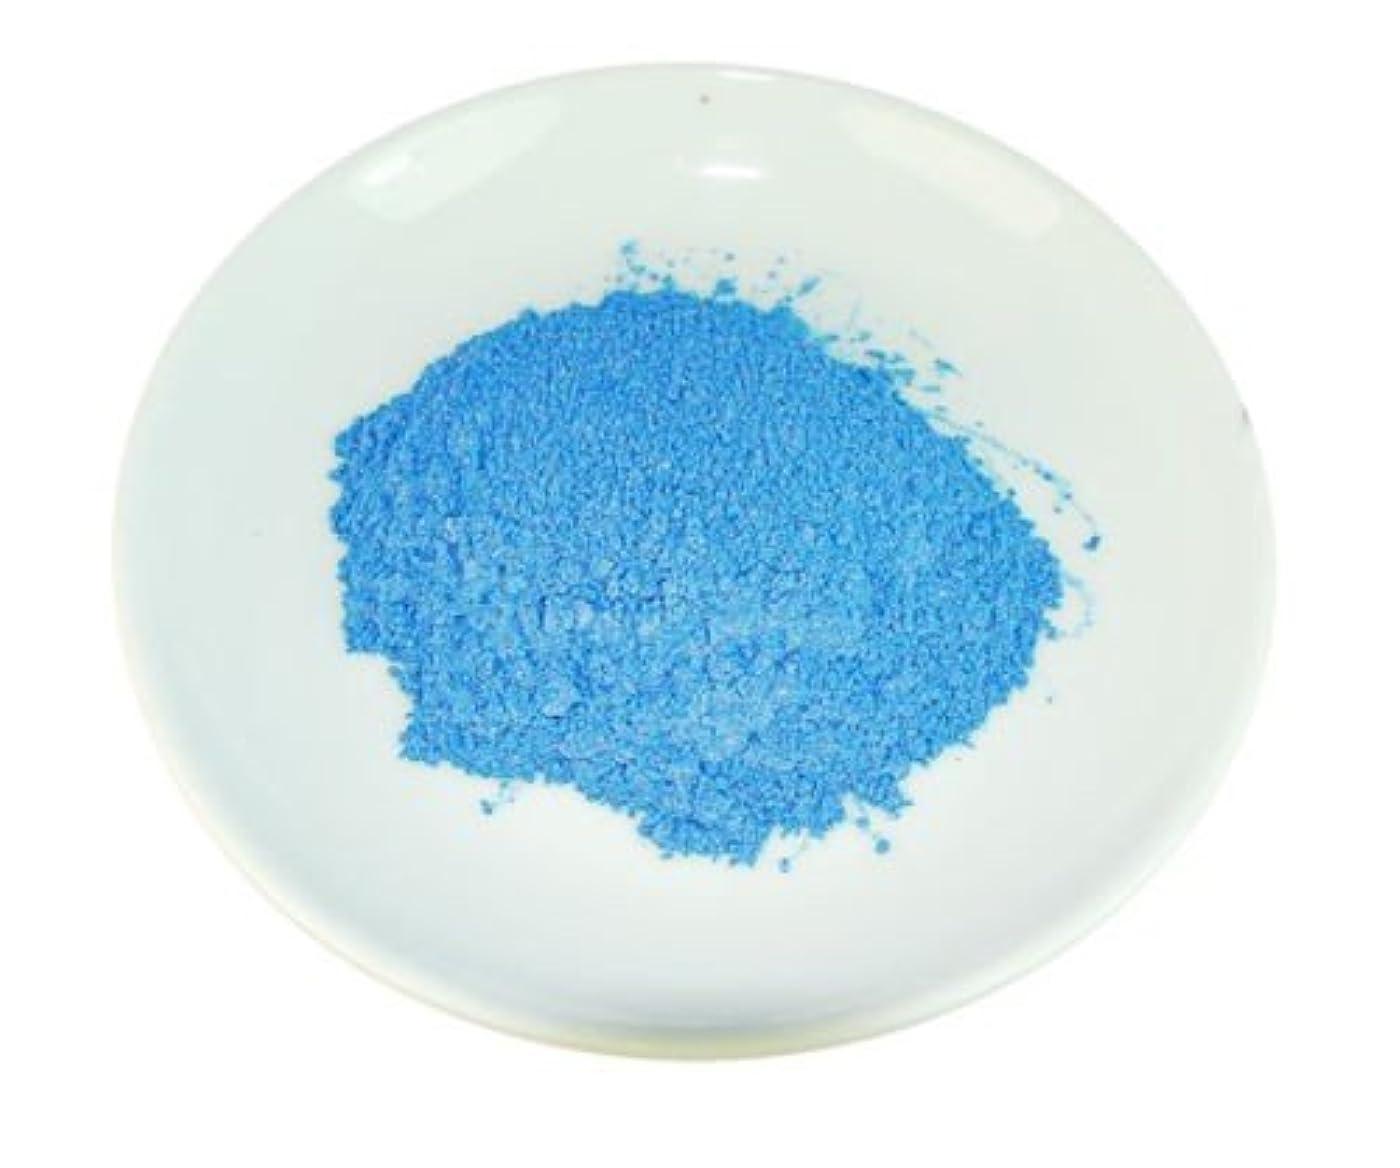 暴露する警官アストロラーベRoyal Blue Sparkle Mica 50g